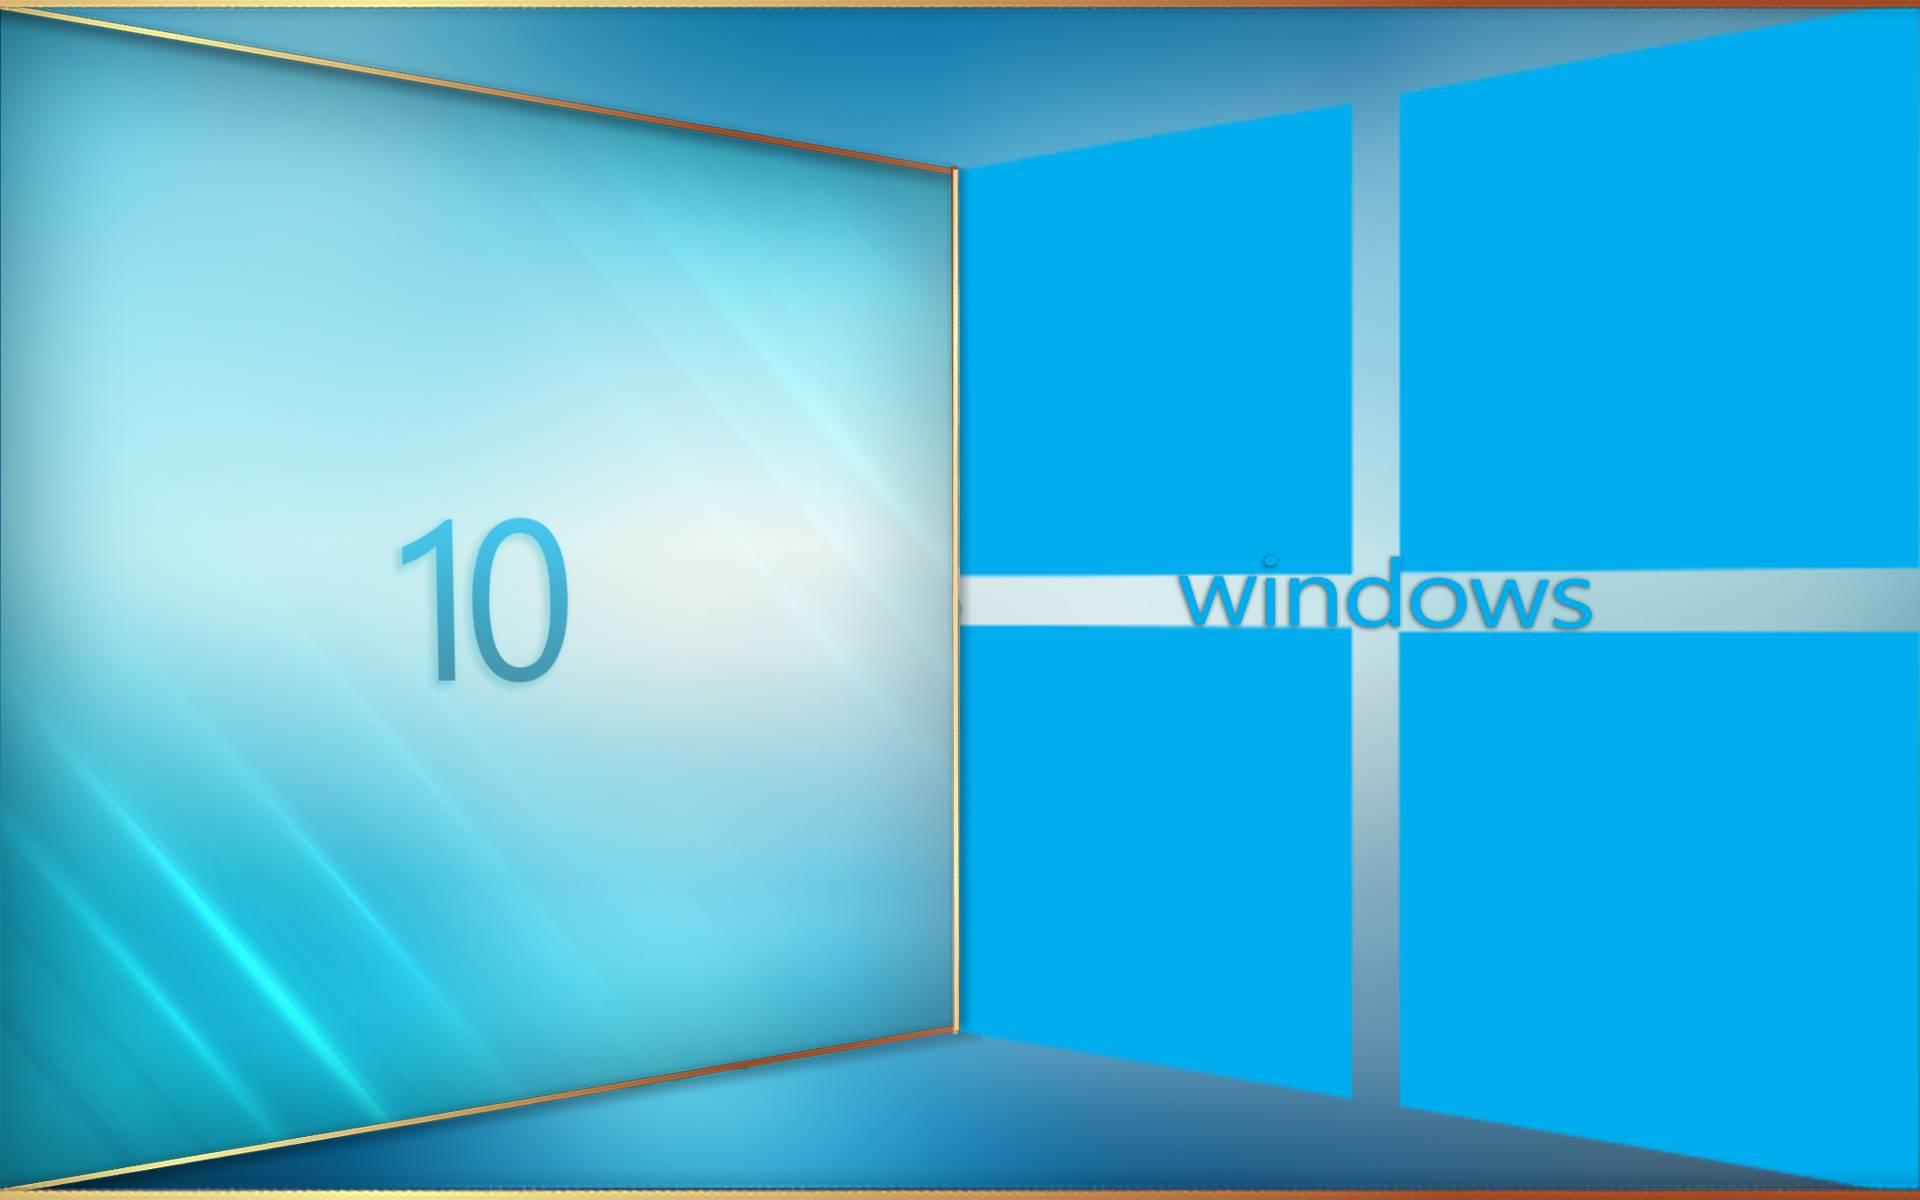 обои windows 10, wallpaper, обои картинки фото